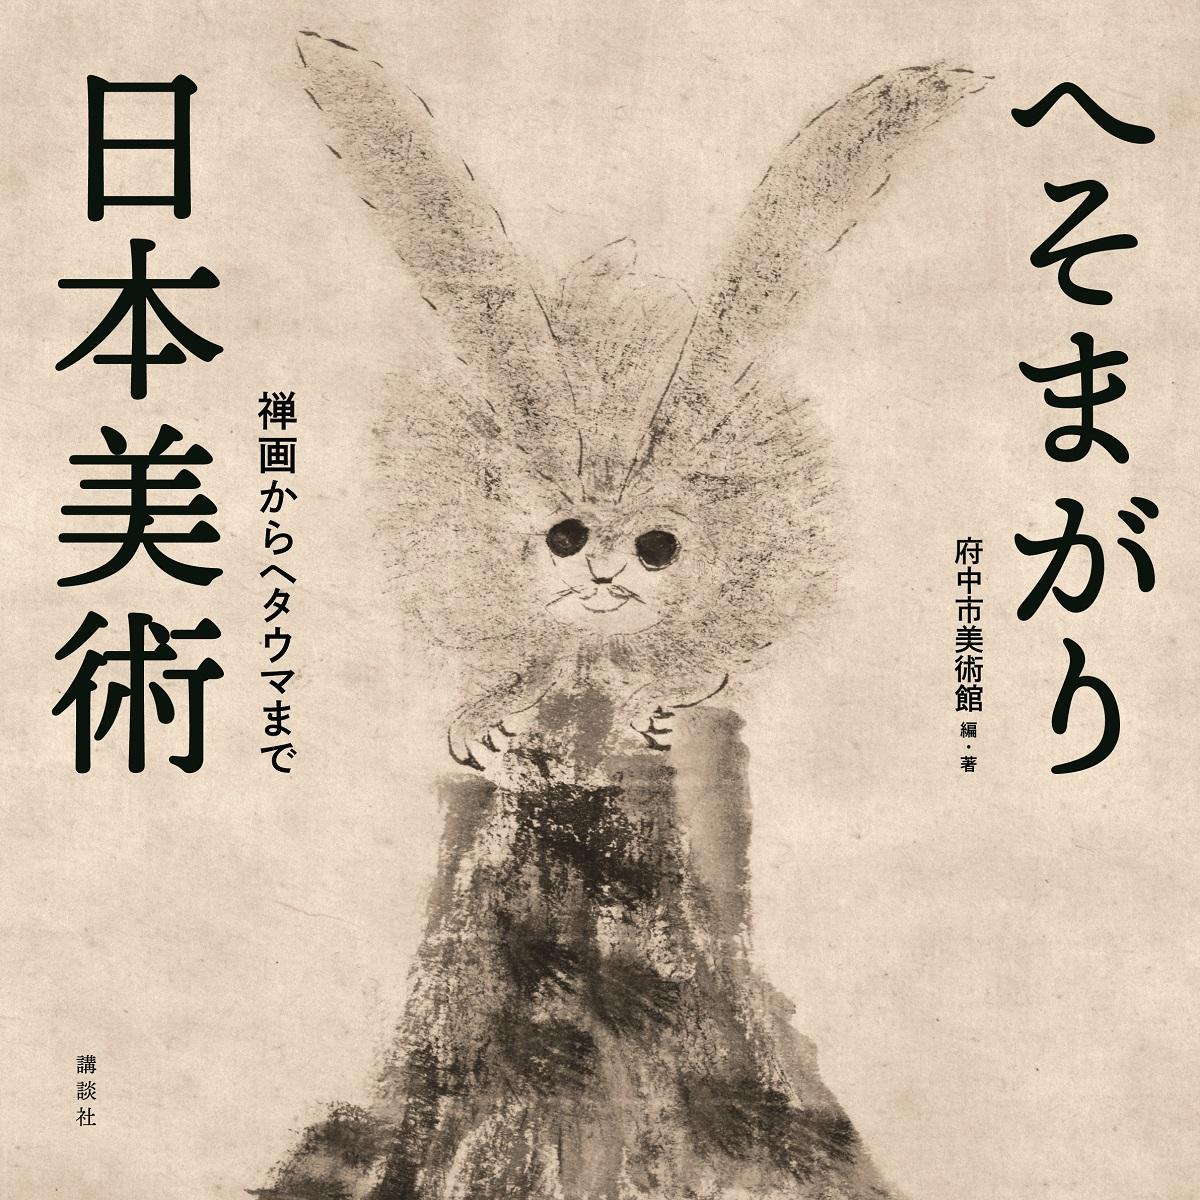 ゆるい、かわいい、もう一つの日本美術